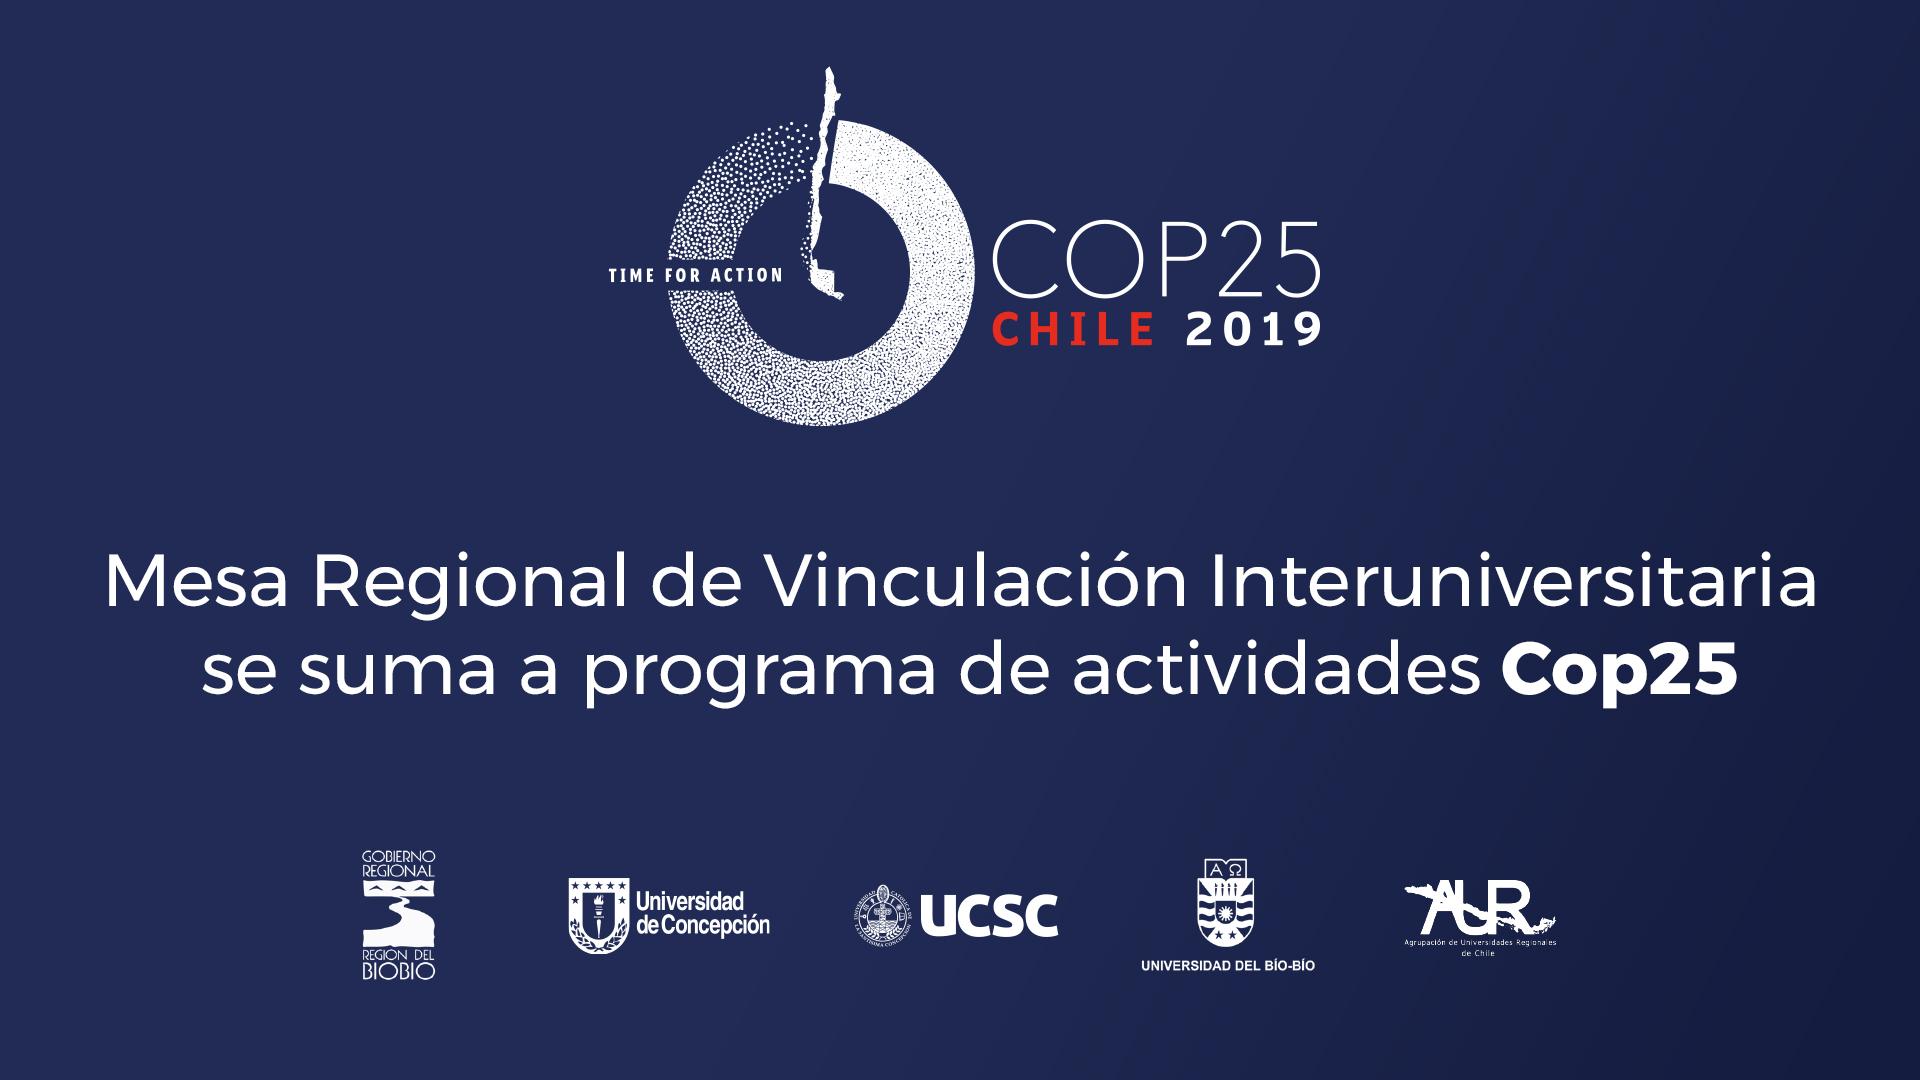 Programación: Gore y Mesa Interuniversitaria llevarán seminarios COP25 a provincias del Biobío